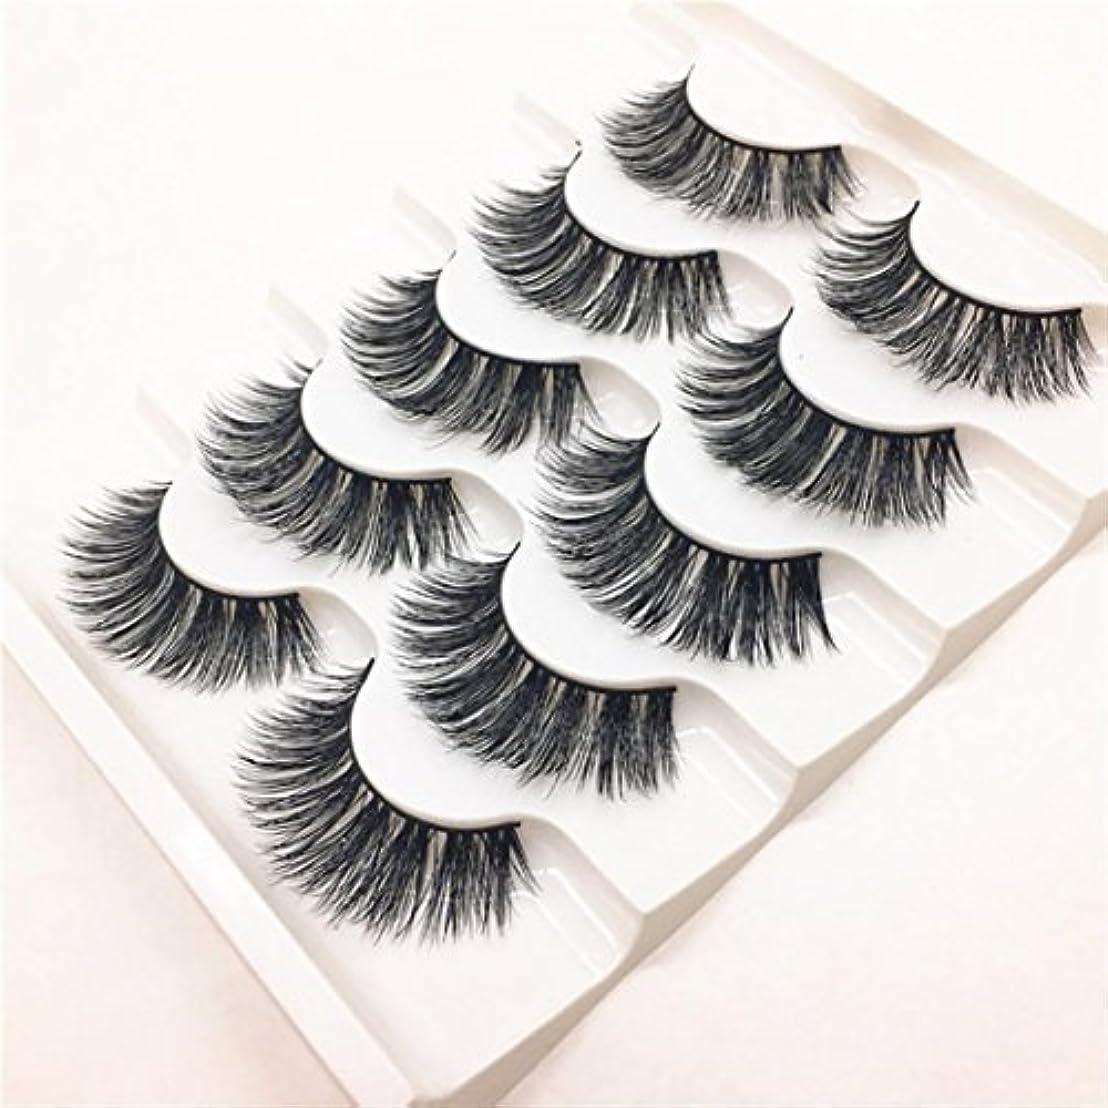 誰もマネージャー大使館Feteso 5ペア つけまつげ 上まつげ Eyelashes アイラッシュ ビューティー まつげエクステ レディース 化粧ツール アイメイクアップ 人気 ナチュラル 飾り 柔らかい 装着簡単 綺麗 濃密 再利用可能